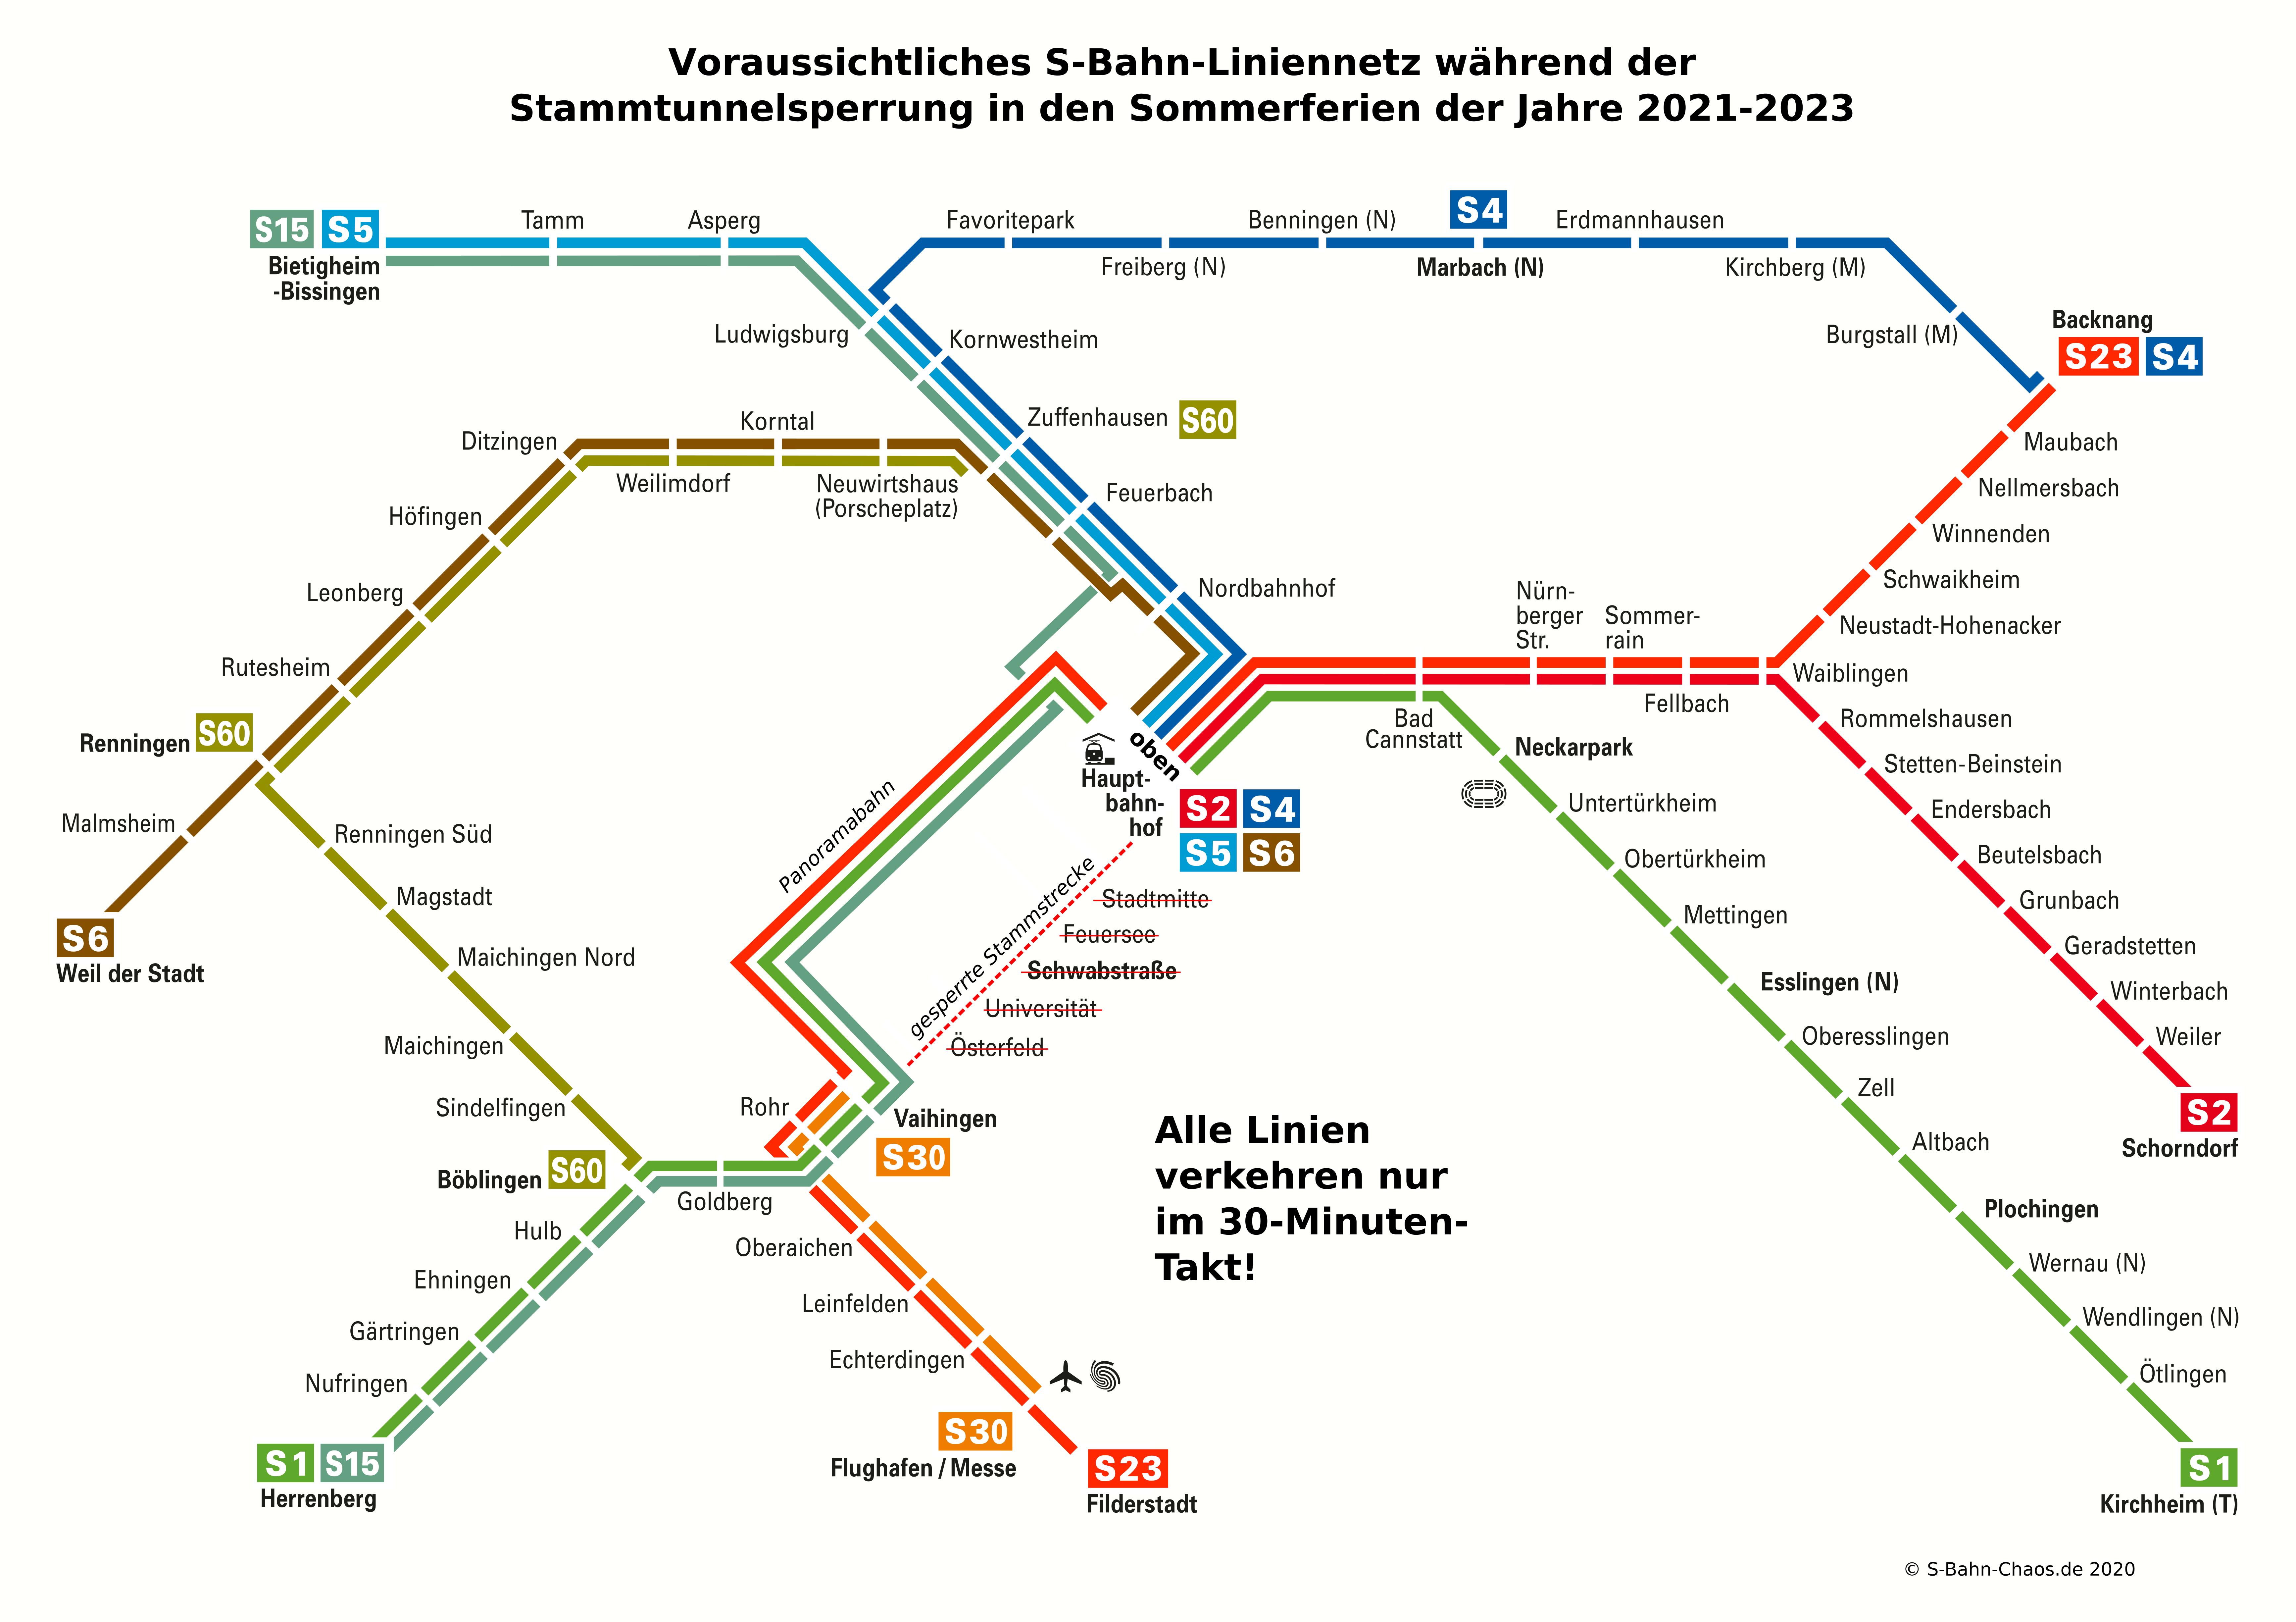 https://s-bahn-chaos.de/wp-content/uploads/2020/02/Sperrung-S-Bahn-Sommer-regul%C3%A4r-Druck.png